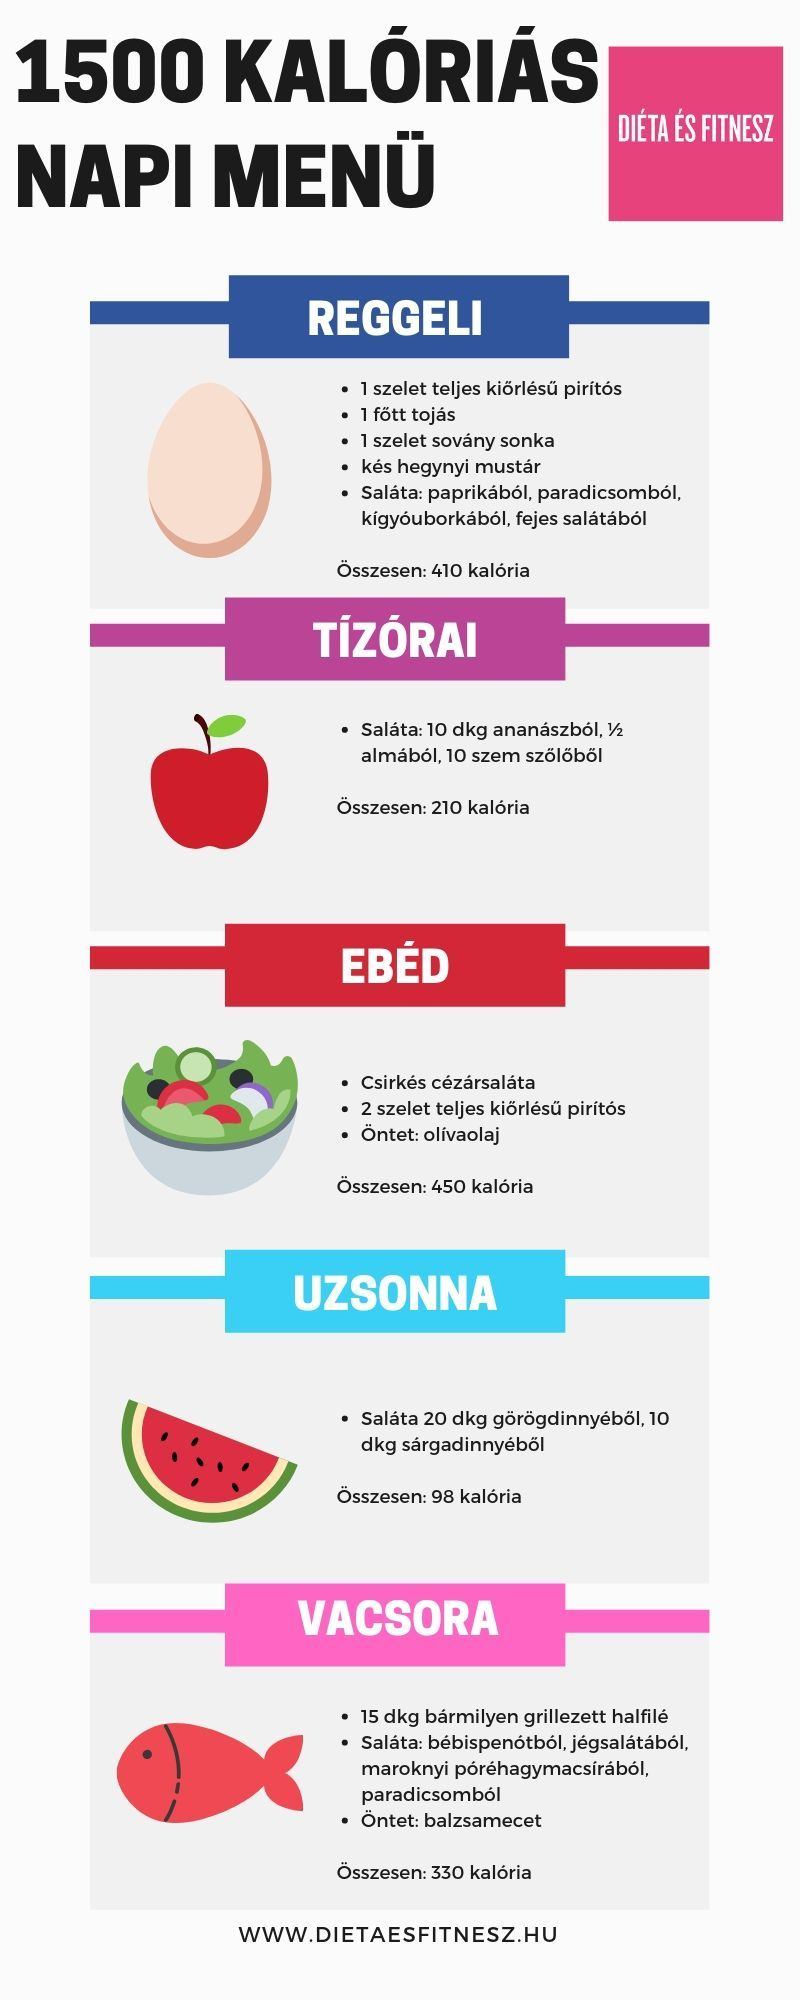 hatékony fogyókúrás tippek 10 nap alatt